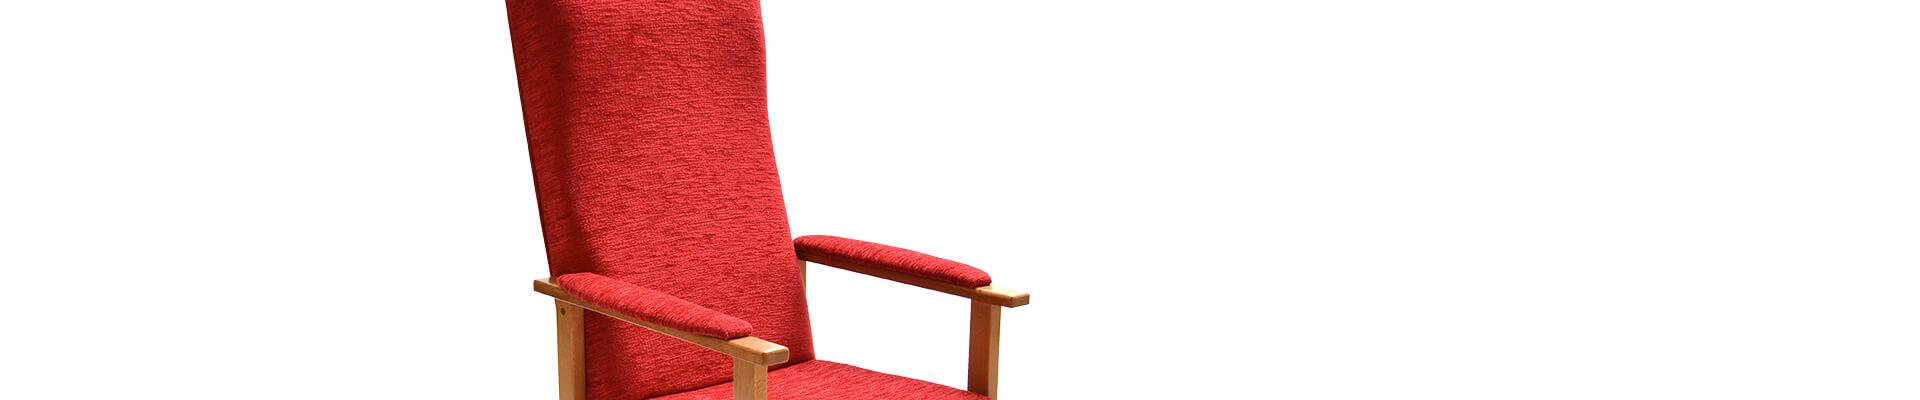 Bramcote_Chair